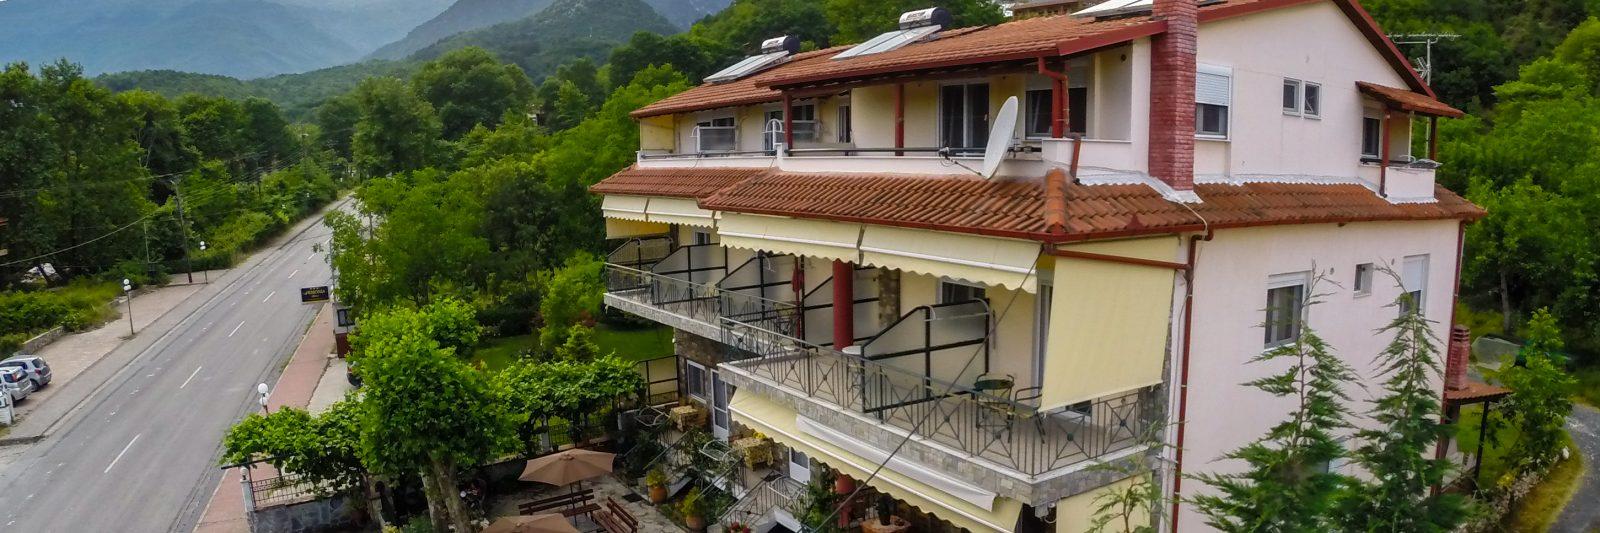 Ξενδοχείο Δροσιά Λουτράκι Πέλλας